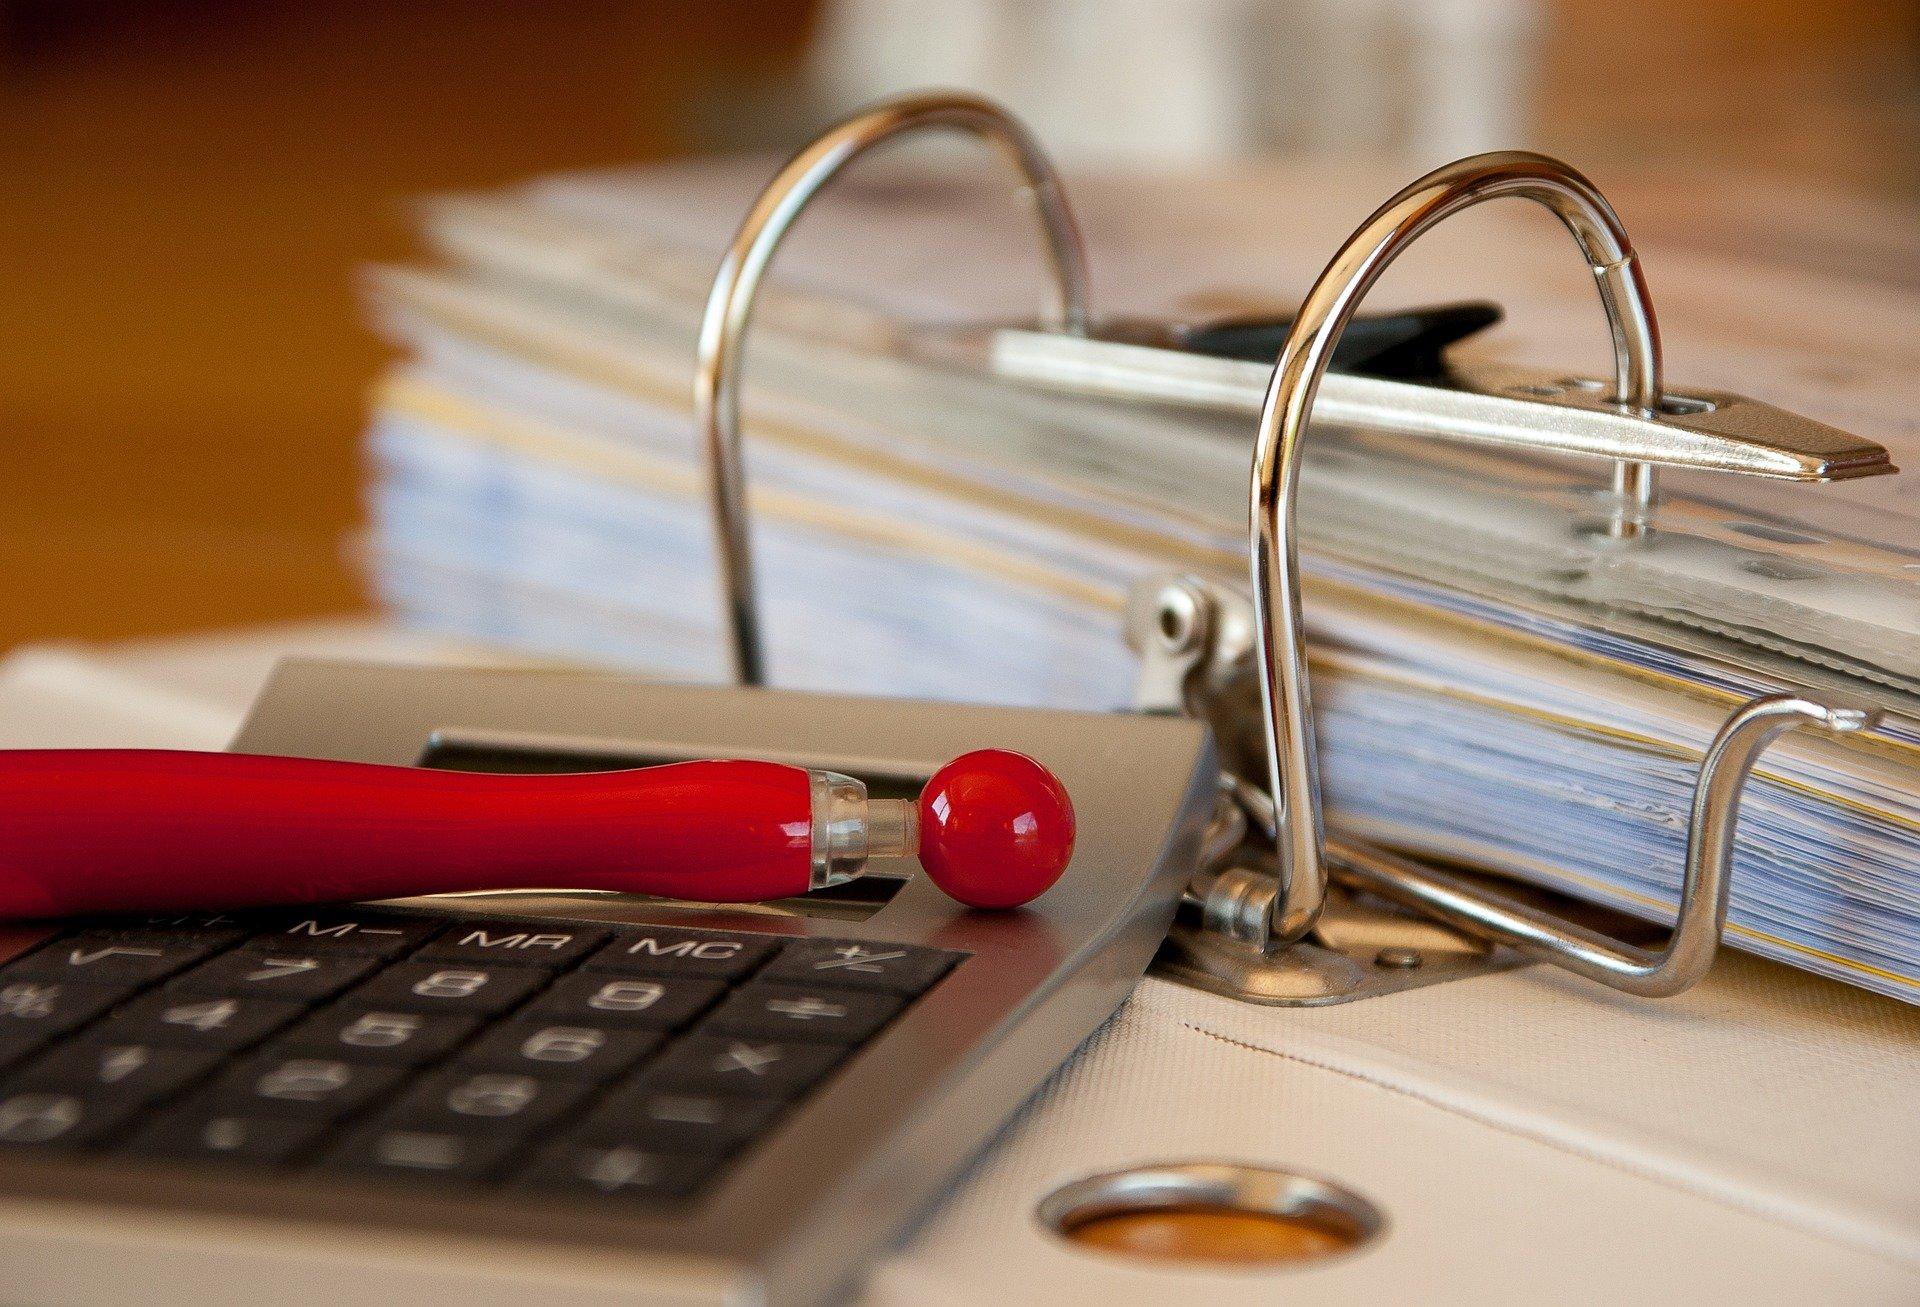 Praxis der Verweigerung der Herausgabe der relevanten Vertragsunterlagen von Krankenversicherern für rechtswidrig erklärt